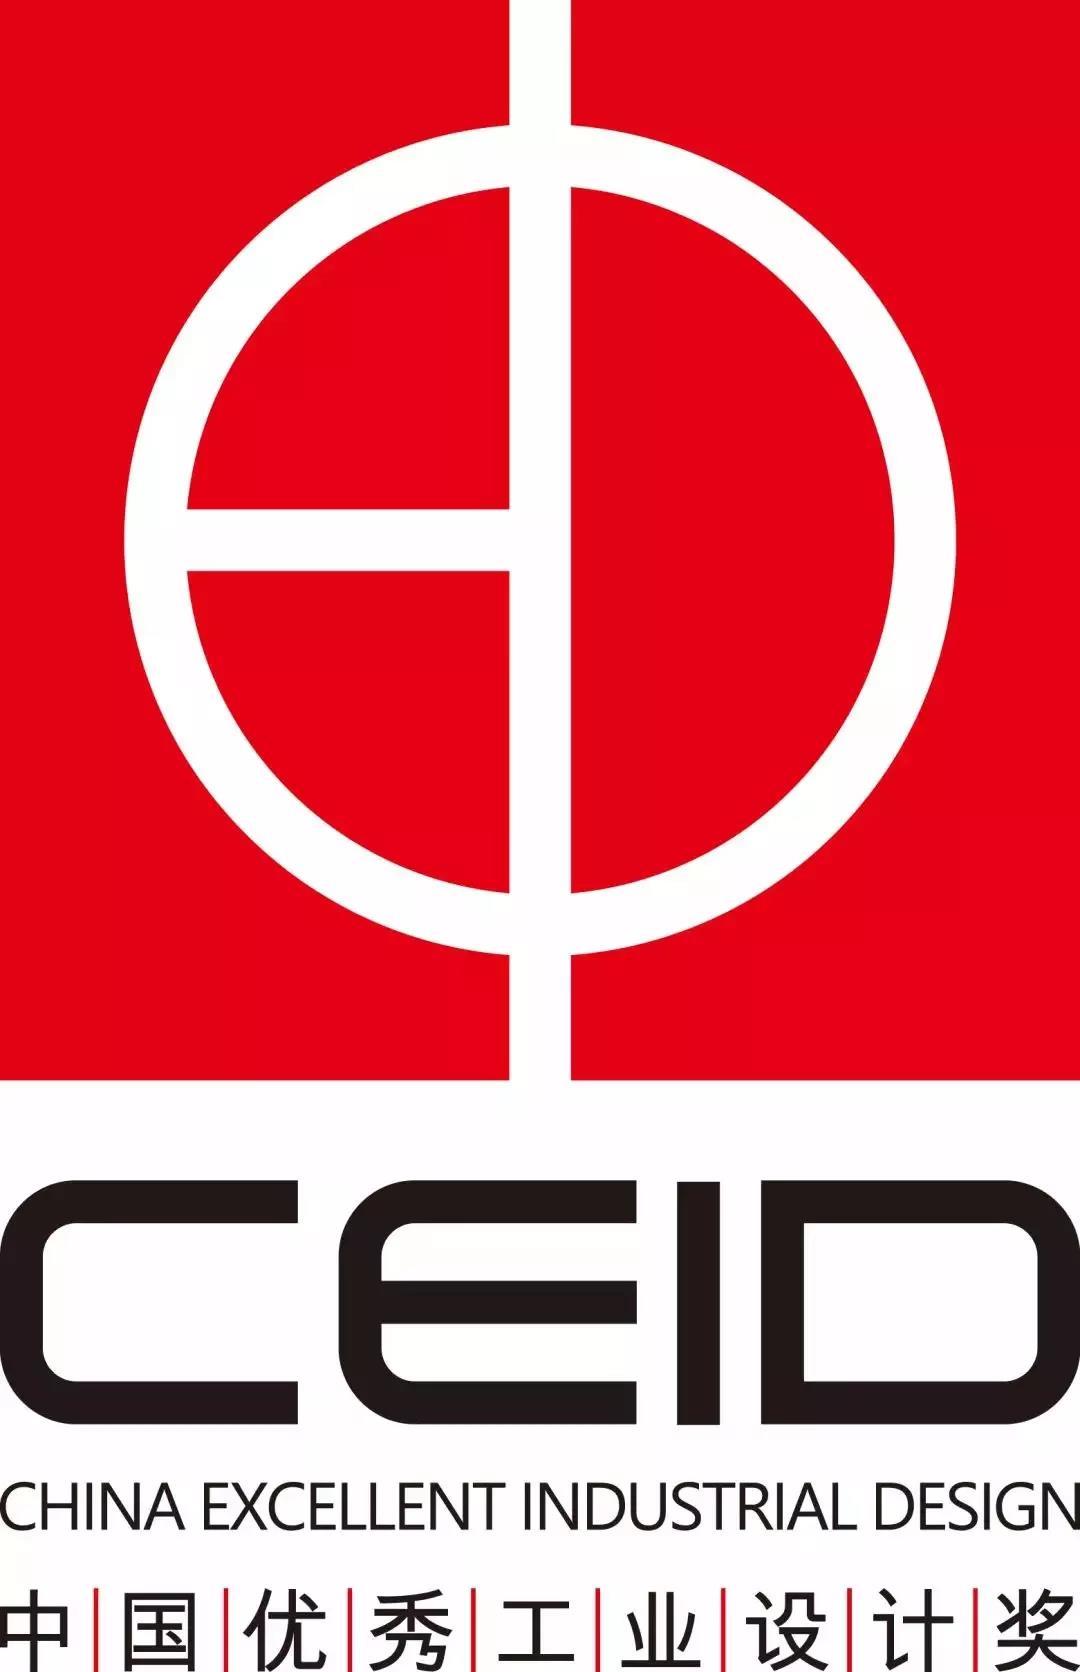 通知   工业和信息化部办公厅关于开展2018年中国优秀工业设计奖评奖工作的通知